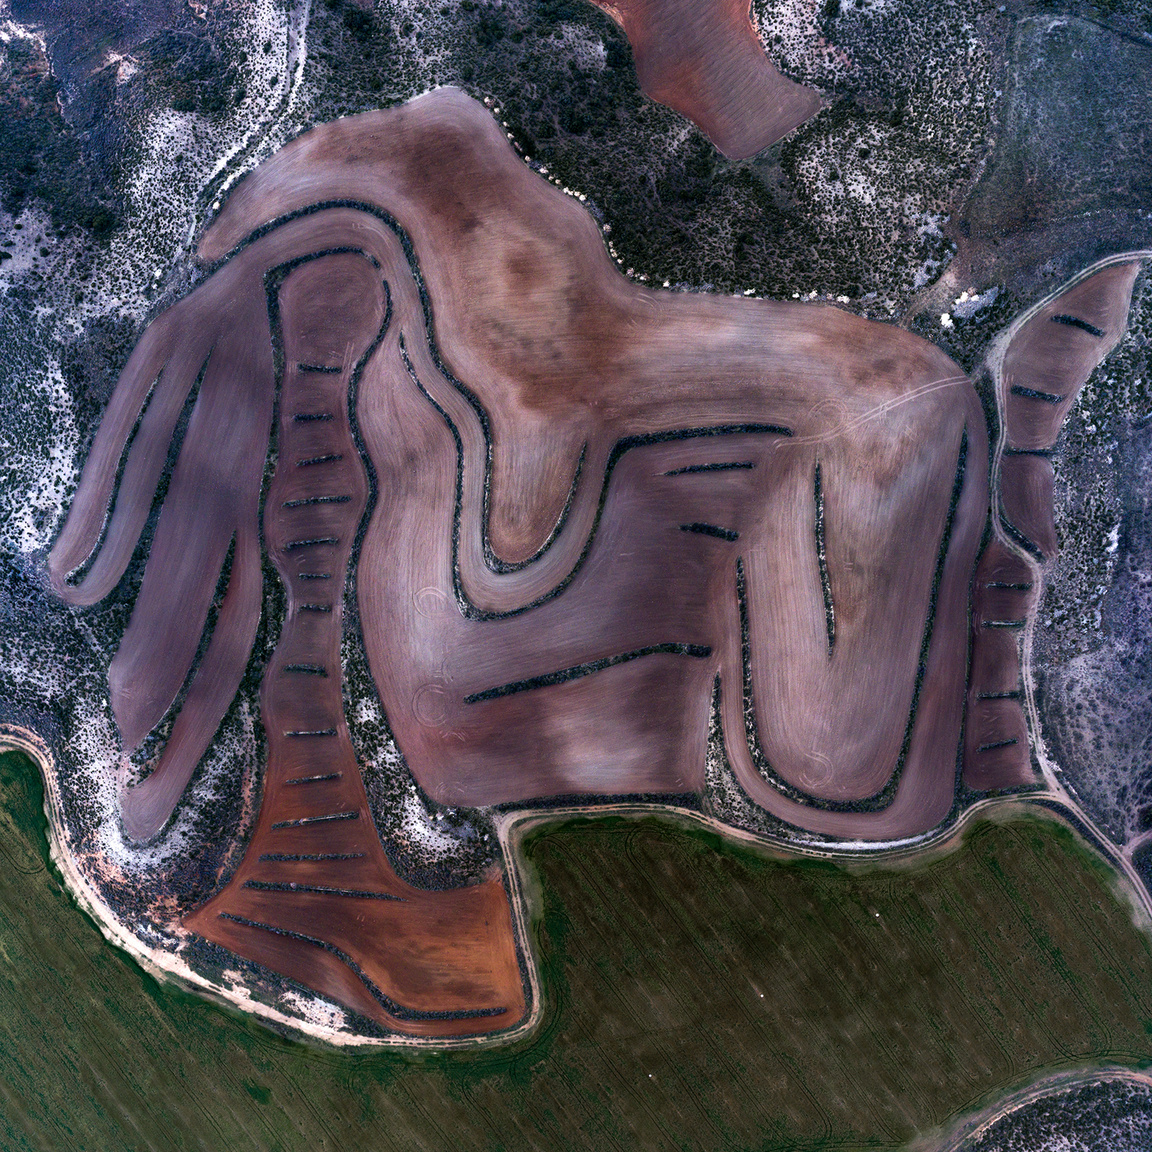 El MeridianoEsti órákban fotózott frissen művelt búzamező absztrakt formái. A szintek közötti lépcsők a légi perspektívának köszönhetően vonallá változtak és egyben a víz megtartásában is fontos szerepet játszanak. Érdekesség, hogy a greenwichi délkör a kép bal harmadán található tekebábut szeli át.Candasnos közelében, Huesca, Spanyolország. 2018.12.28.A képen látható terület szélessége: 413 m.